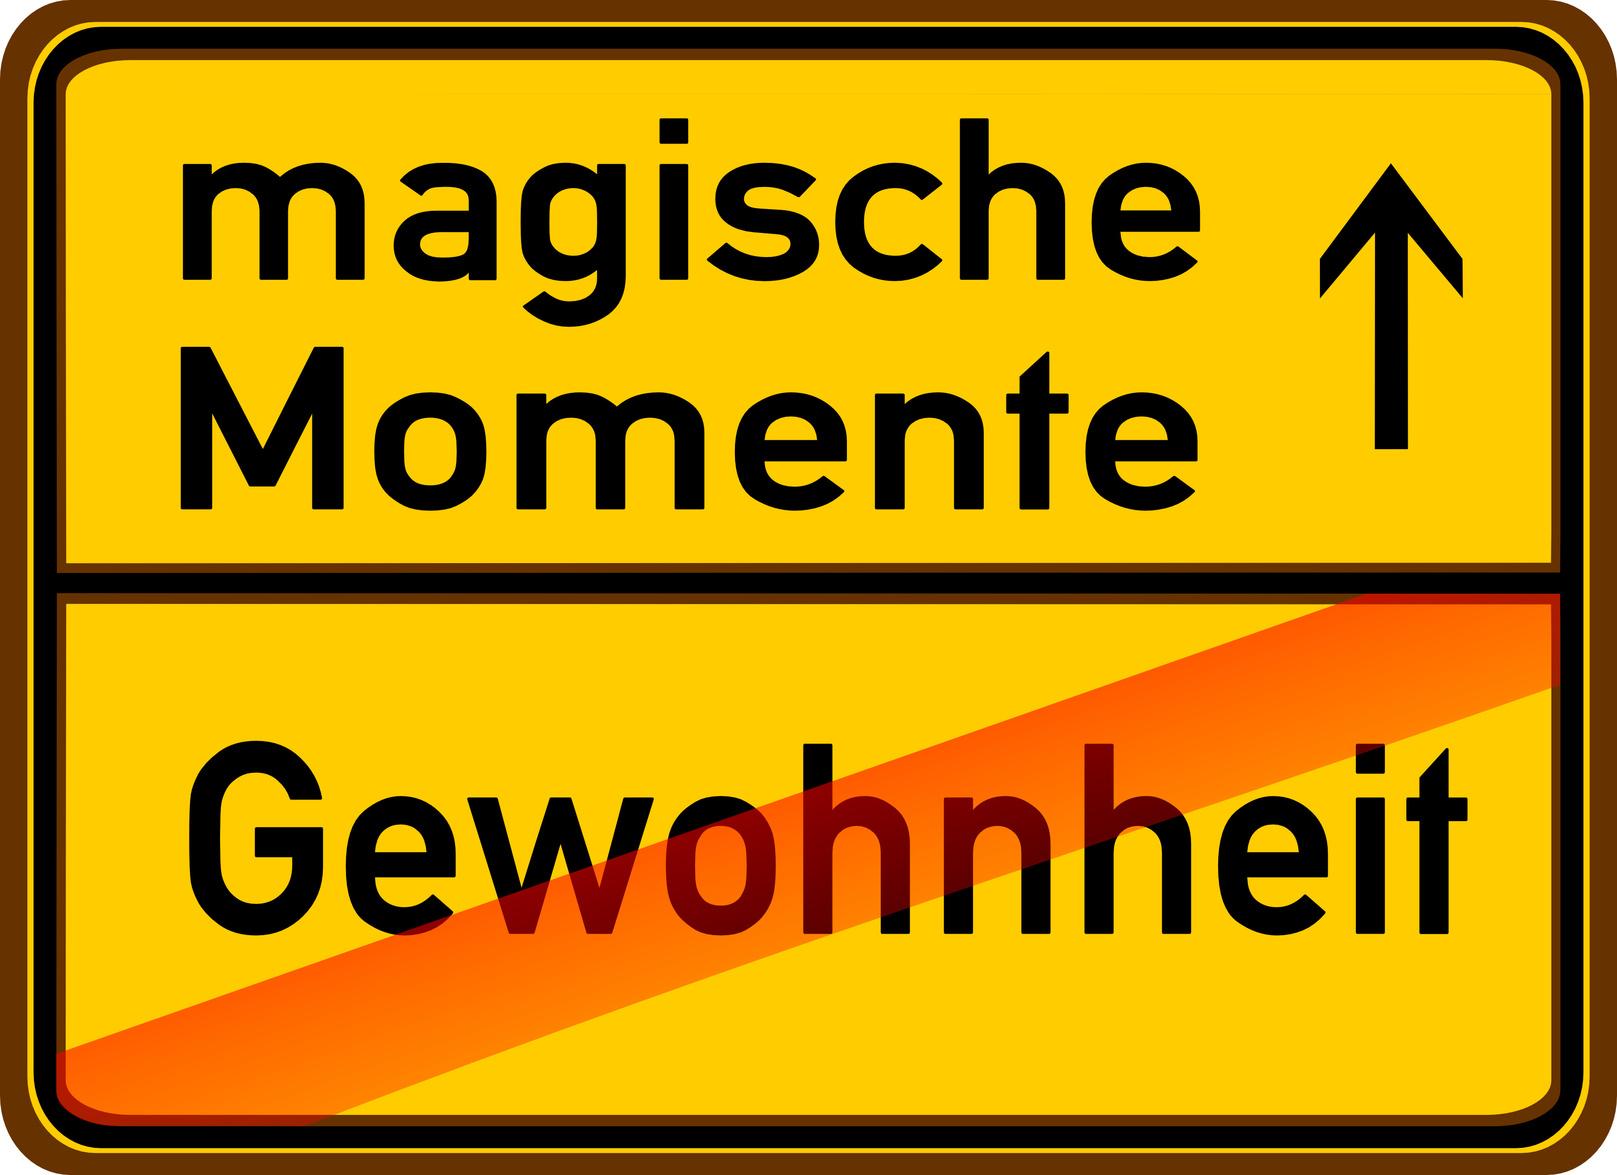 Magische Momente